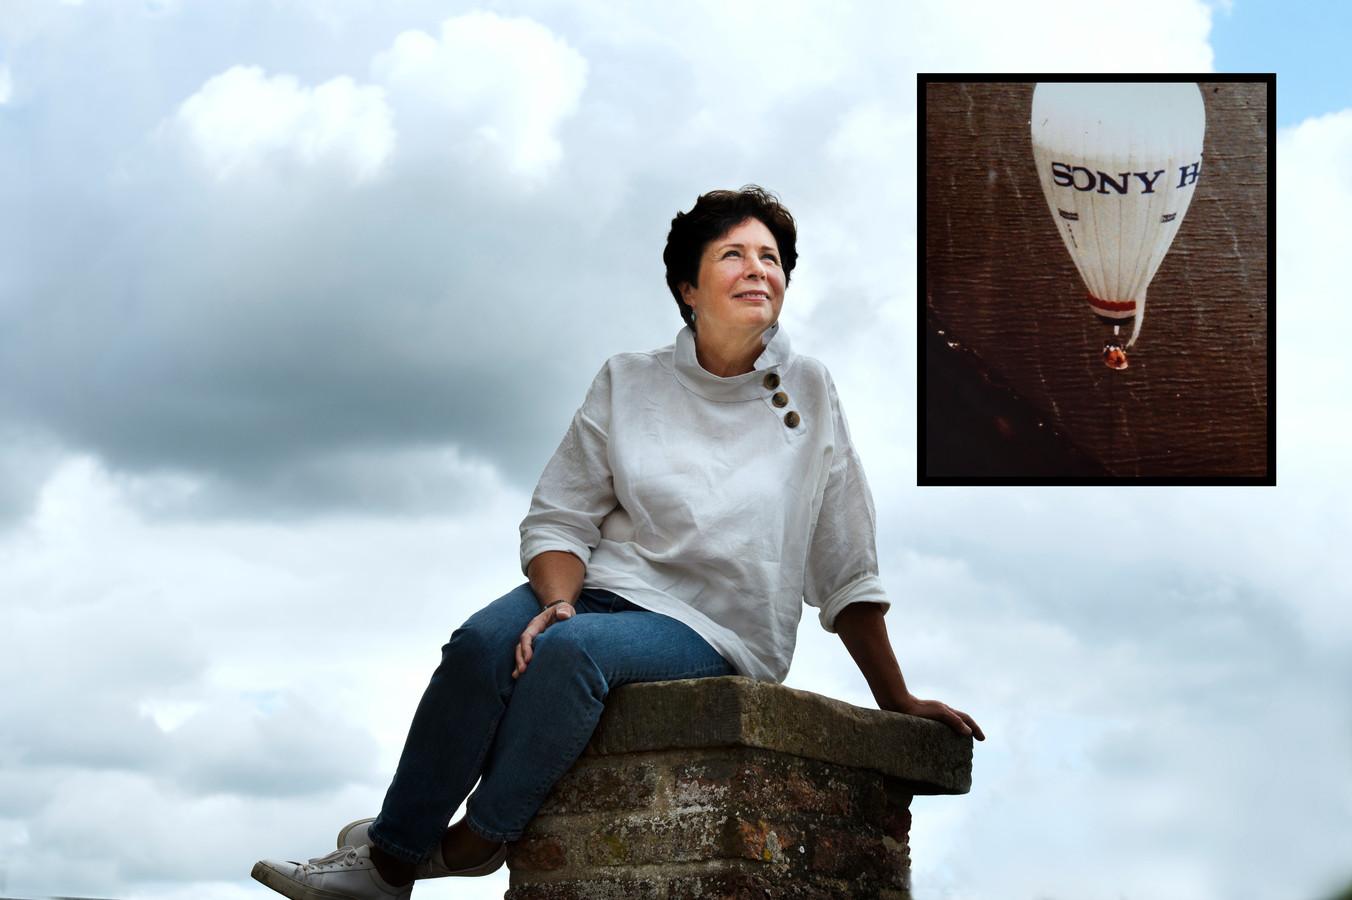 Evelien Schlösser uit Rijswijk, gemeente Buren, vloog als eerste vrouw ooit met een luchtballon de Atlantische Oceaan over. In iets meer dan 51 uur overbrugde ze dik 4.000 kilometer: van Canada naar Nederland.